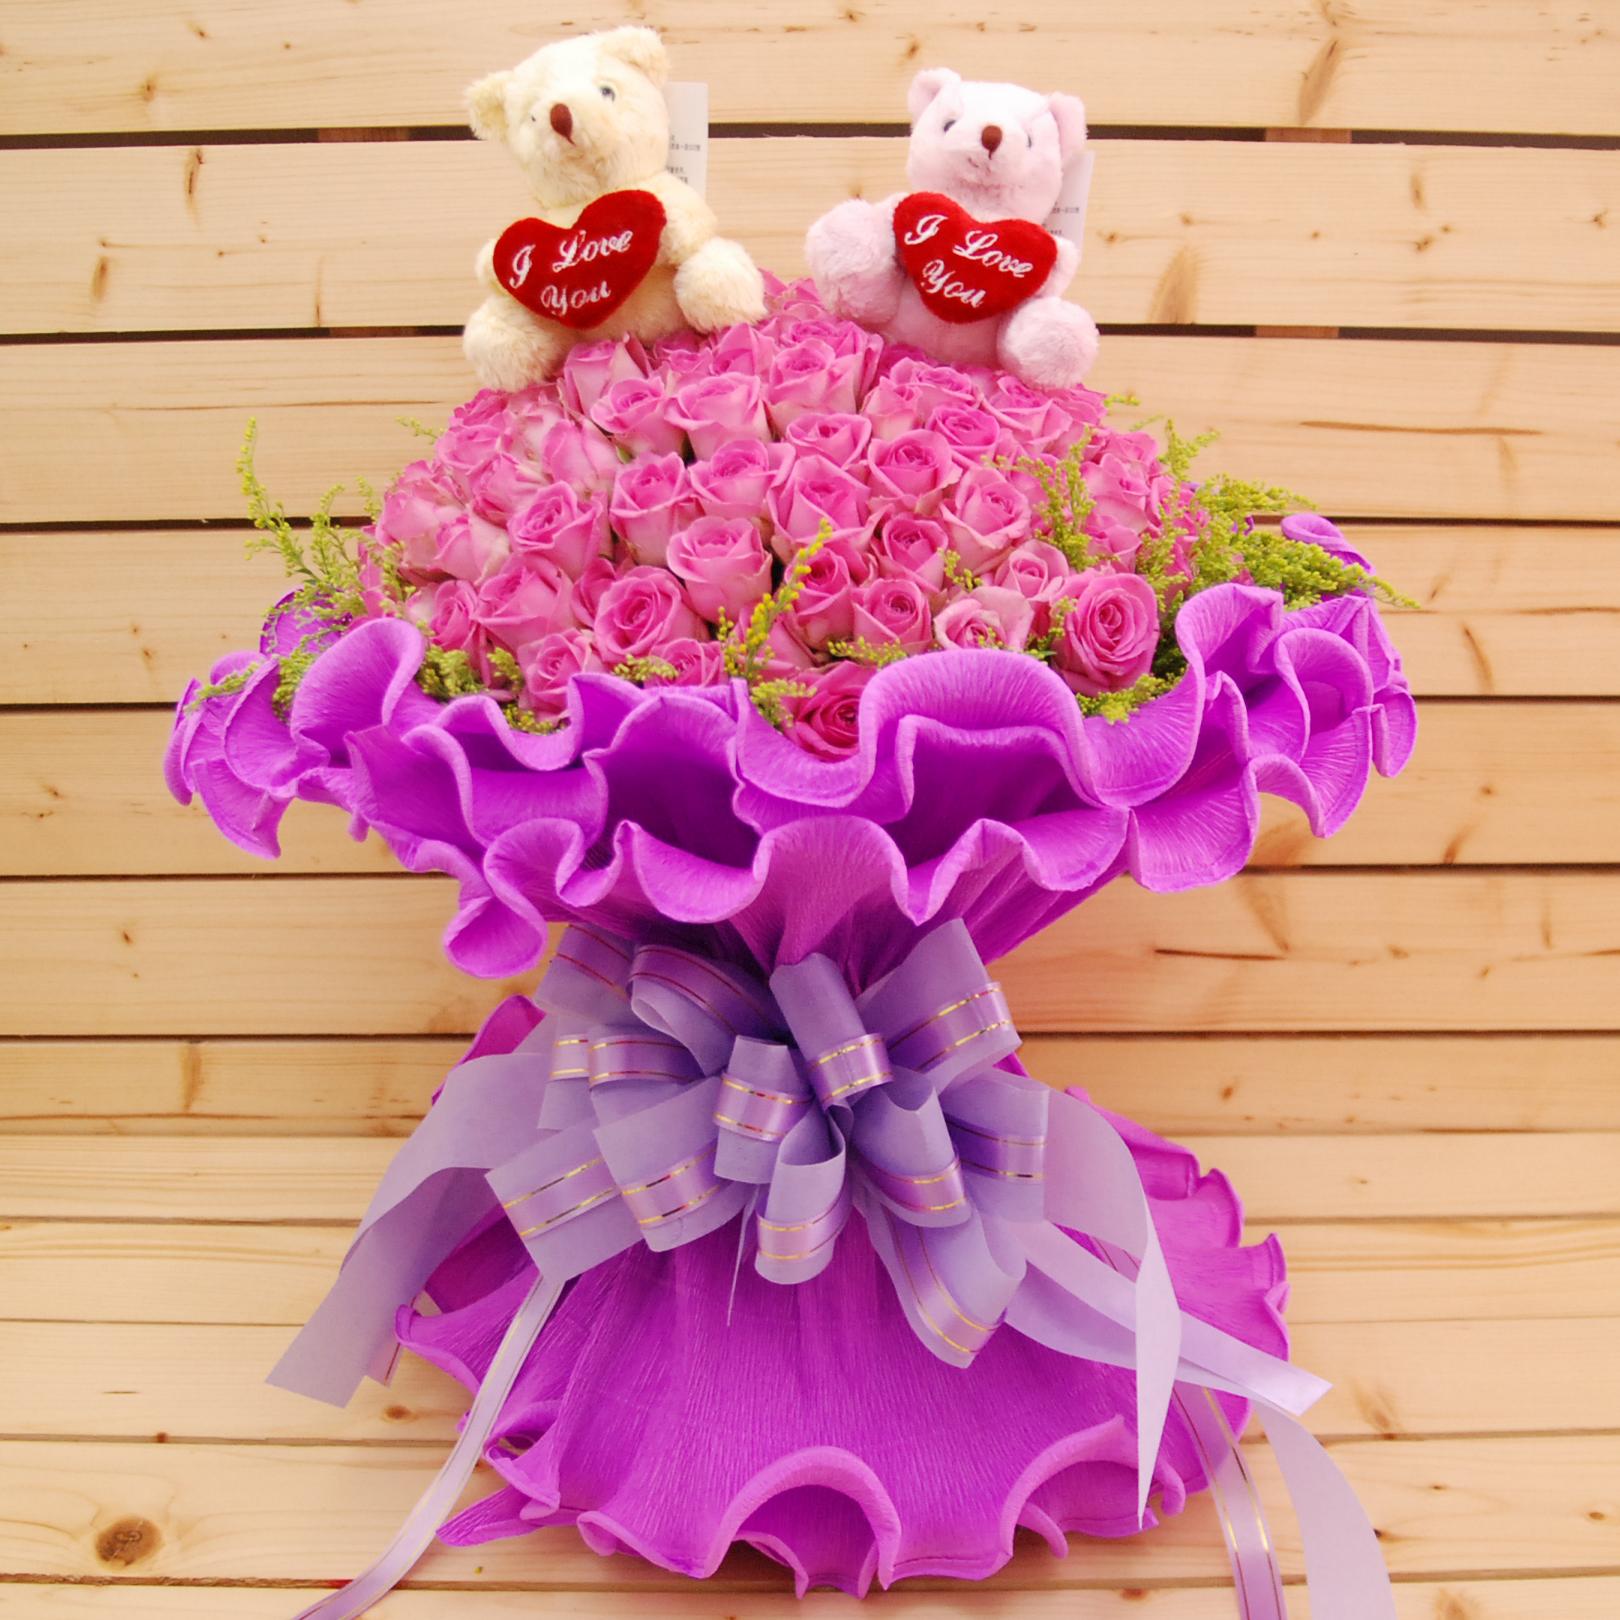 【巧繪網FR081411C 】情人最愛 99朵 紫玫瑰 小熊花束 情人節花束 七夕禮物